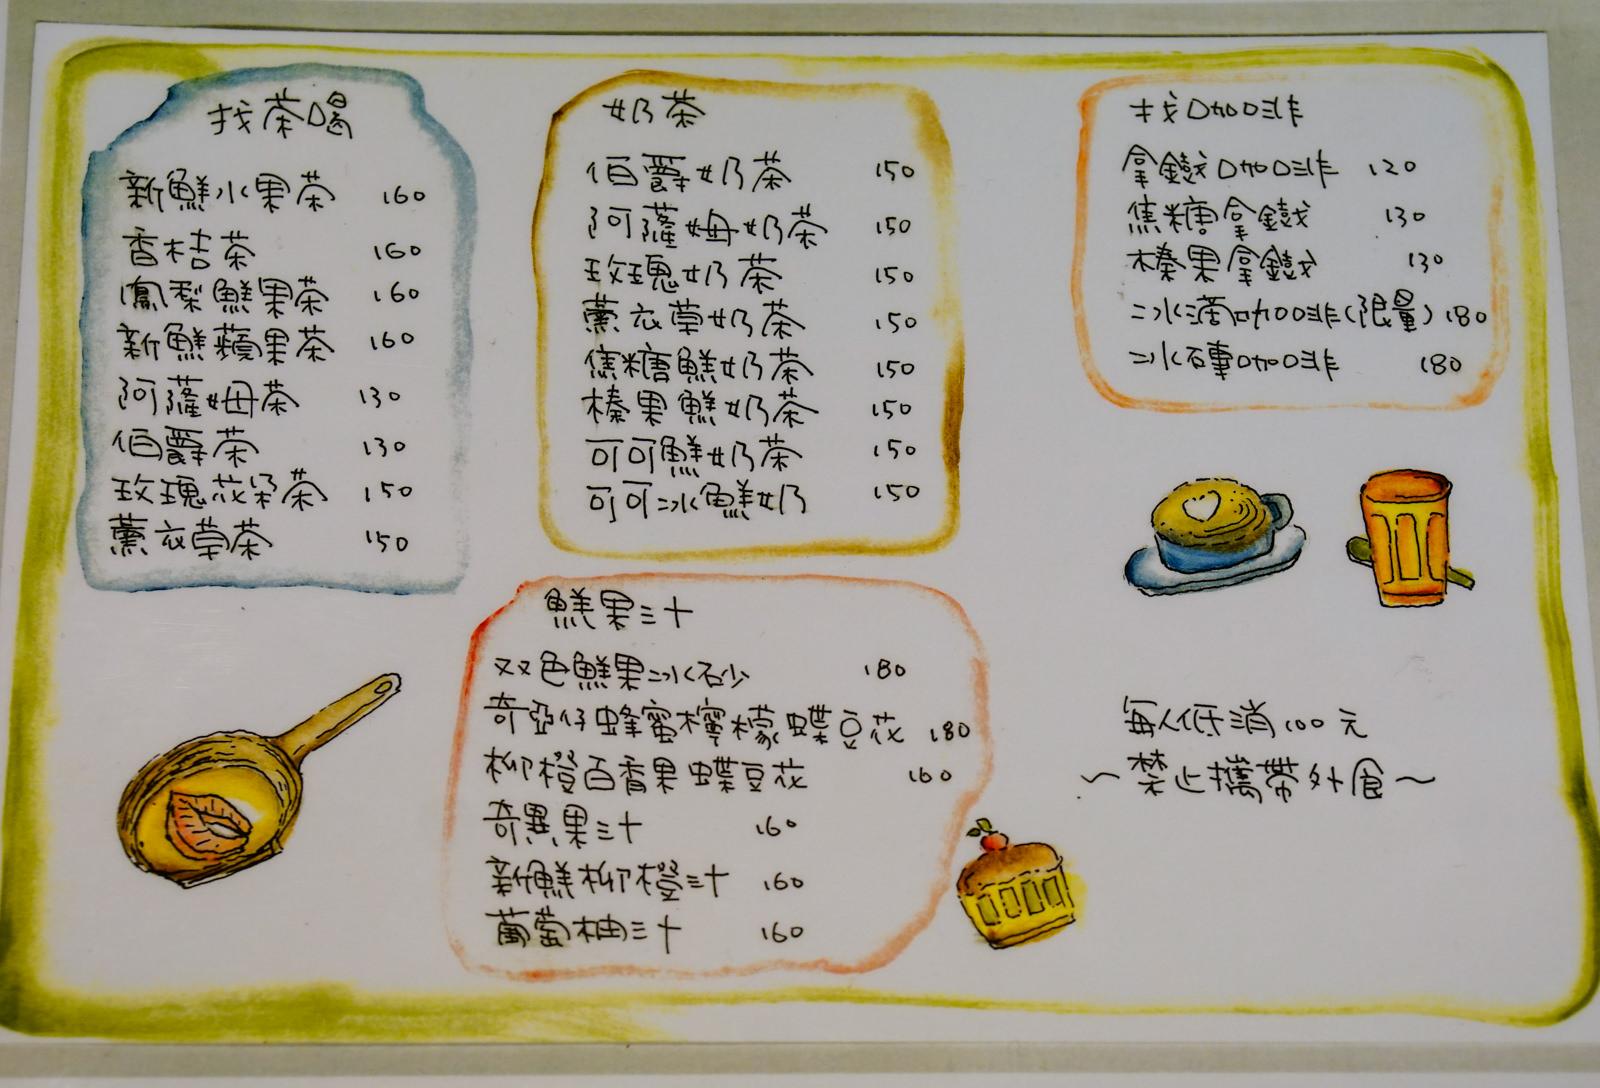 [高雄]戀家咖啡慢食手作教室-暖心牛奶海鮮鍋x自然美味海鮮燉飯  鄉村手作風 高雄簡餐推薦 @美食好芃友